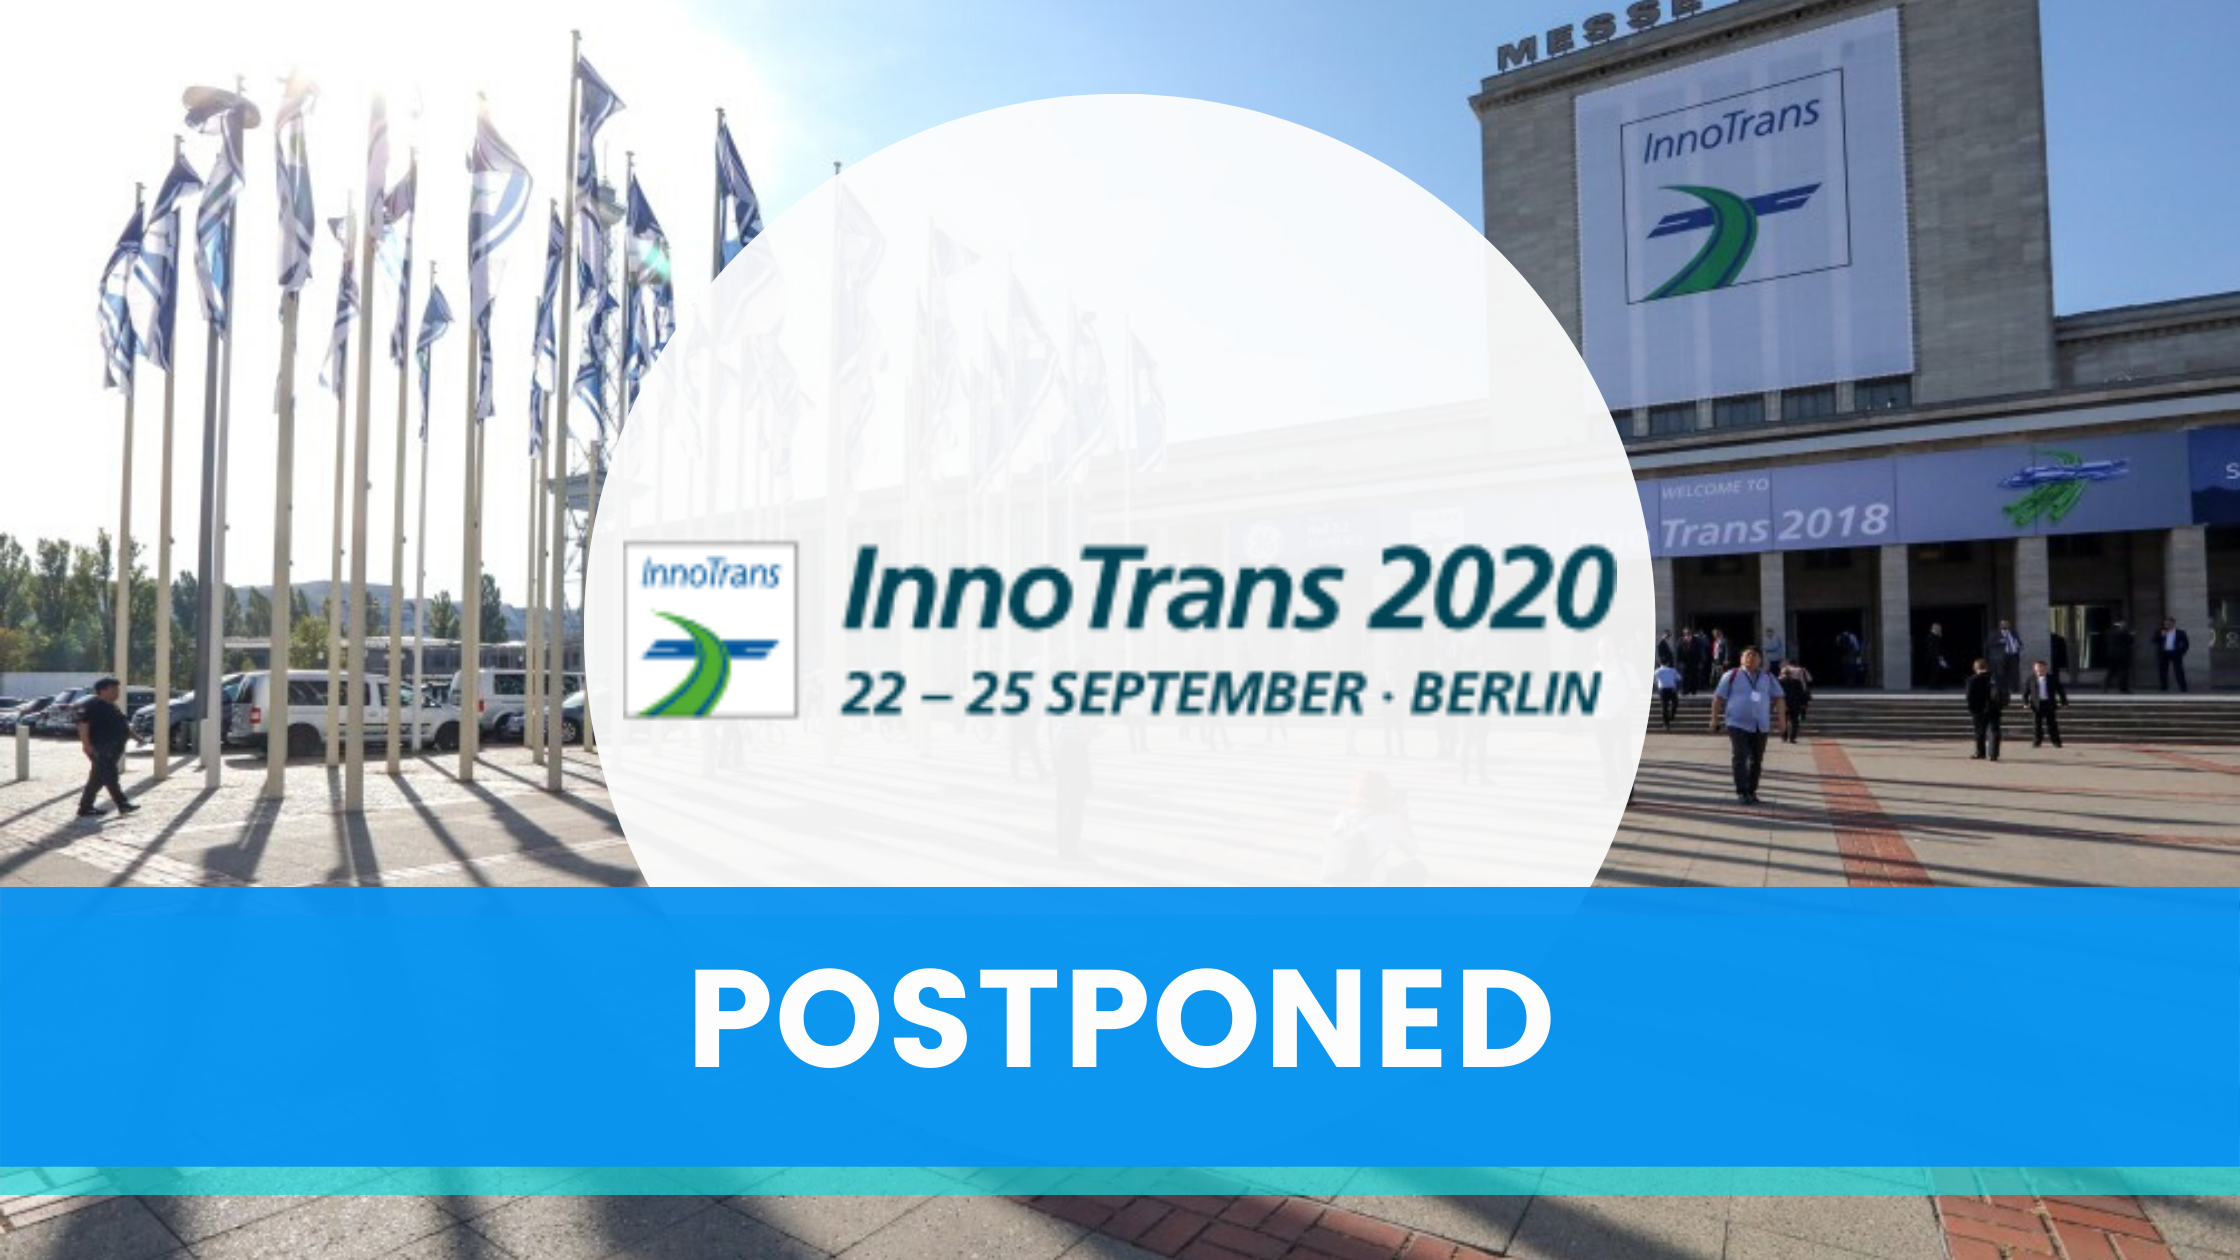 Innotrans_2020_Postponed_VAIMOO